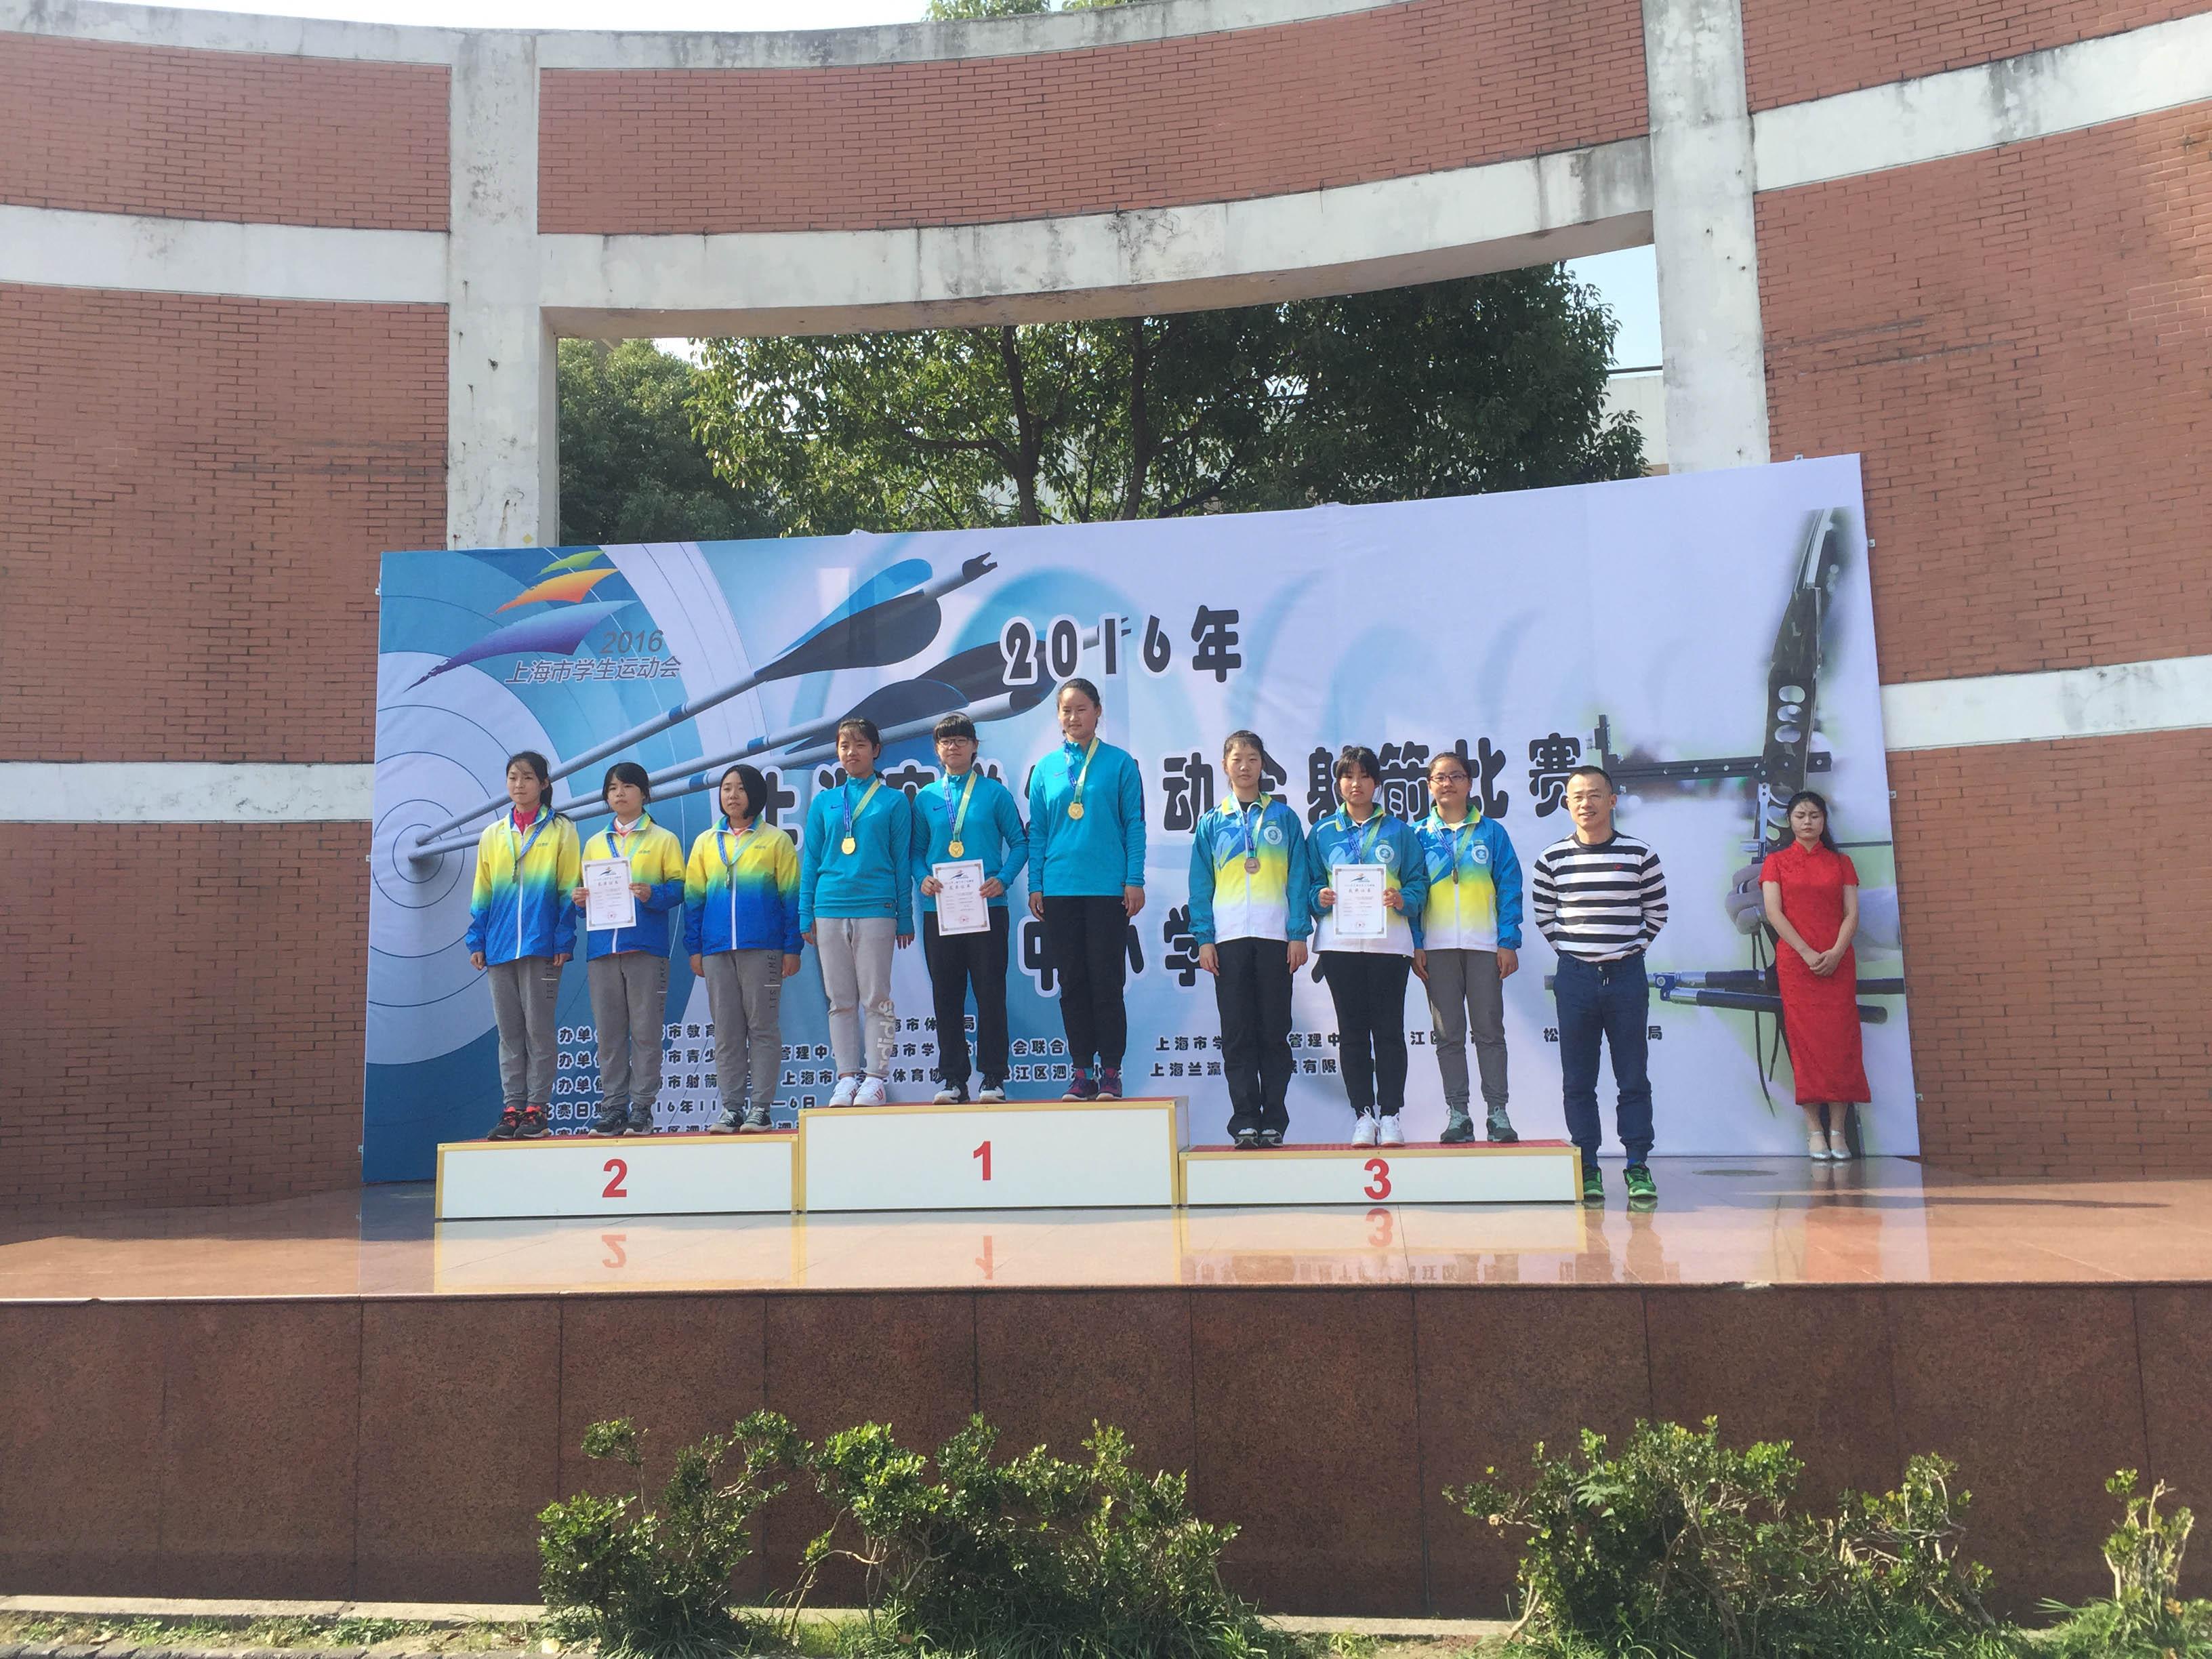 2016年上海市学生运动会射箭比赛